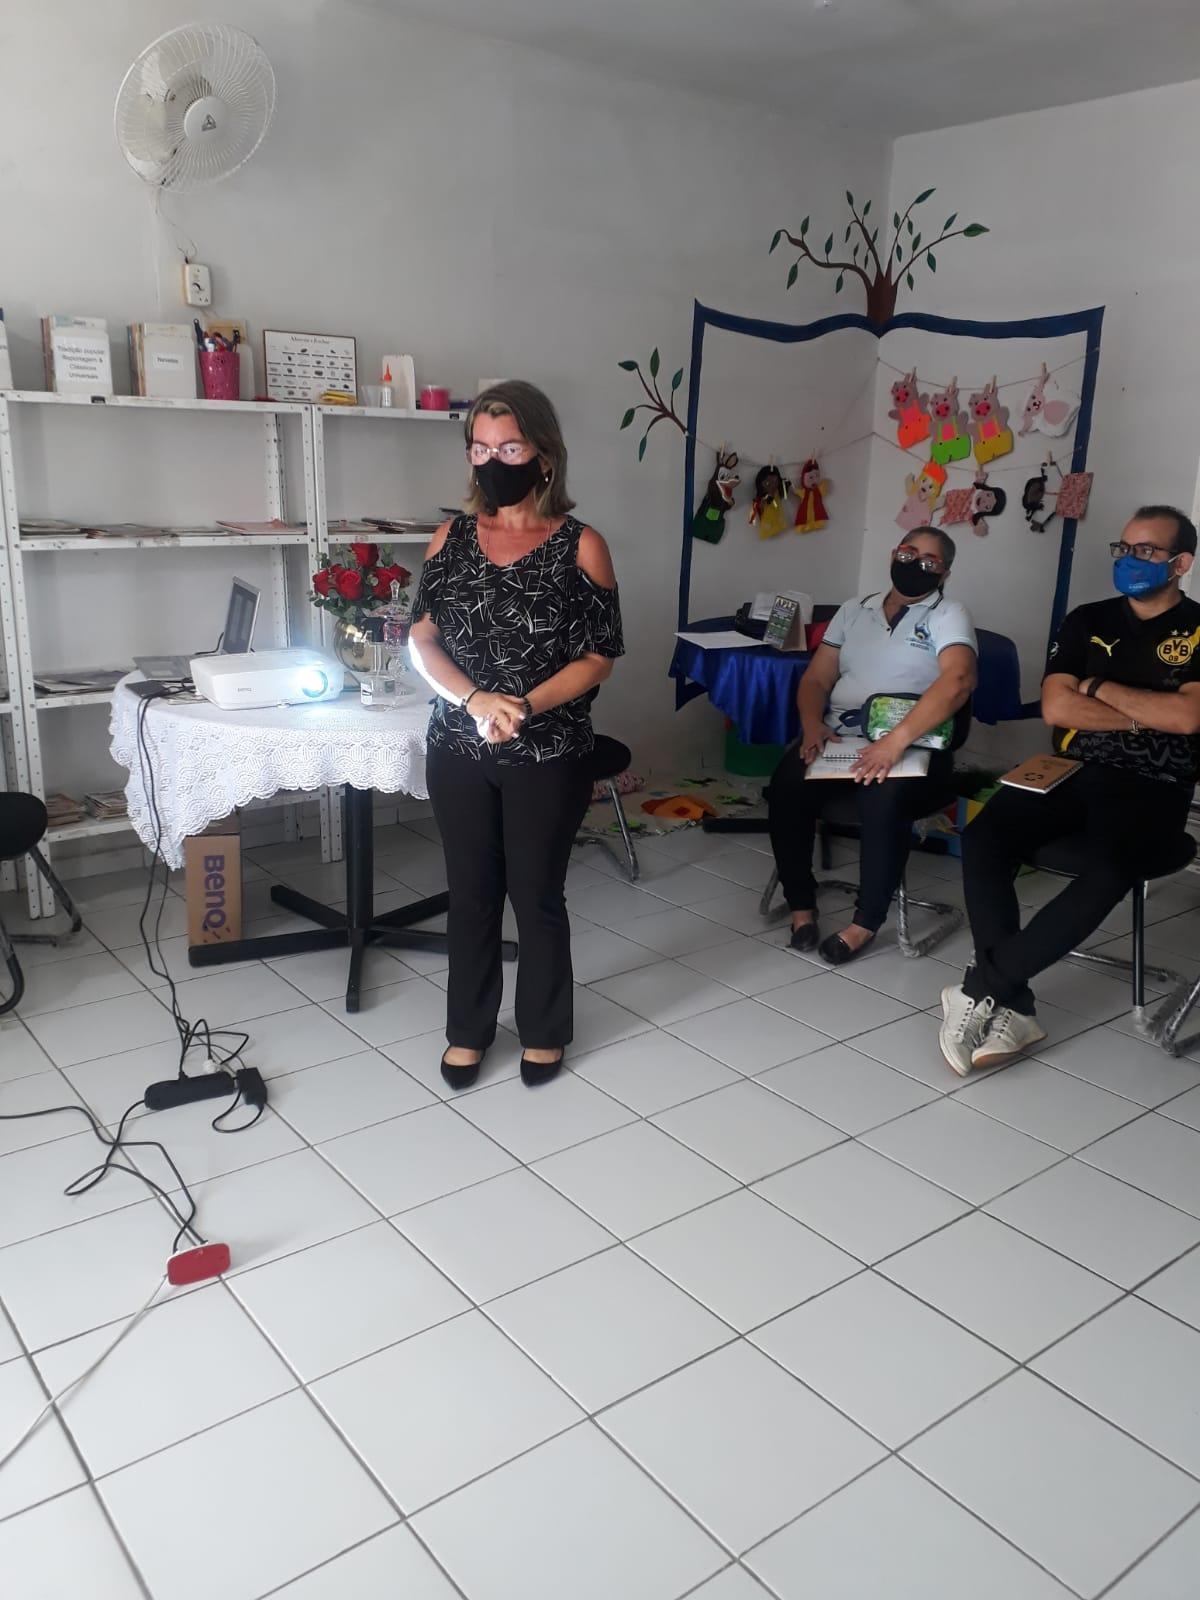 Secretaria de Educação e Cultura em parceira com o Governo do Estado da Paraíba, prepara-se para realizar a I Avaliação em Larga Escala do Programa Integra Paraíba